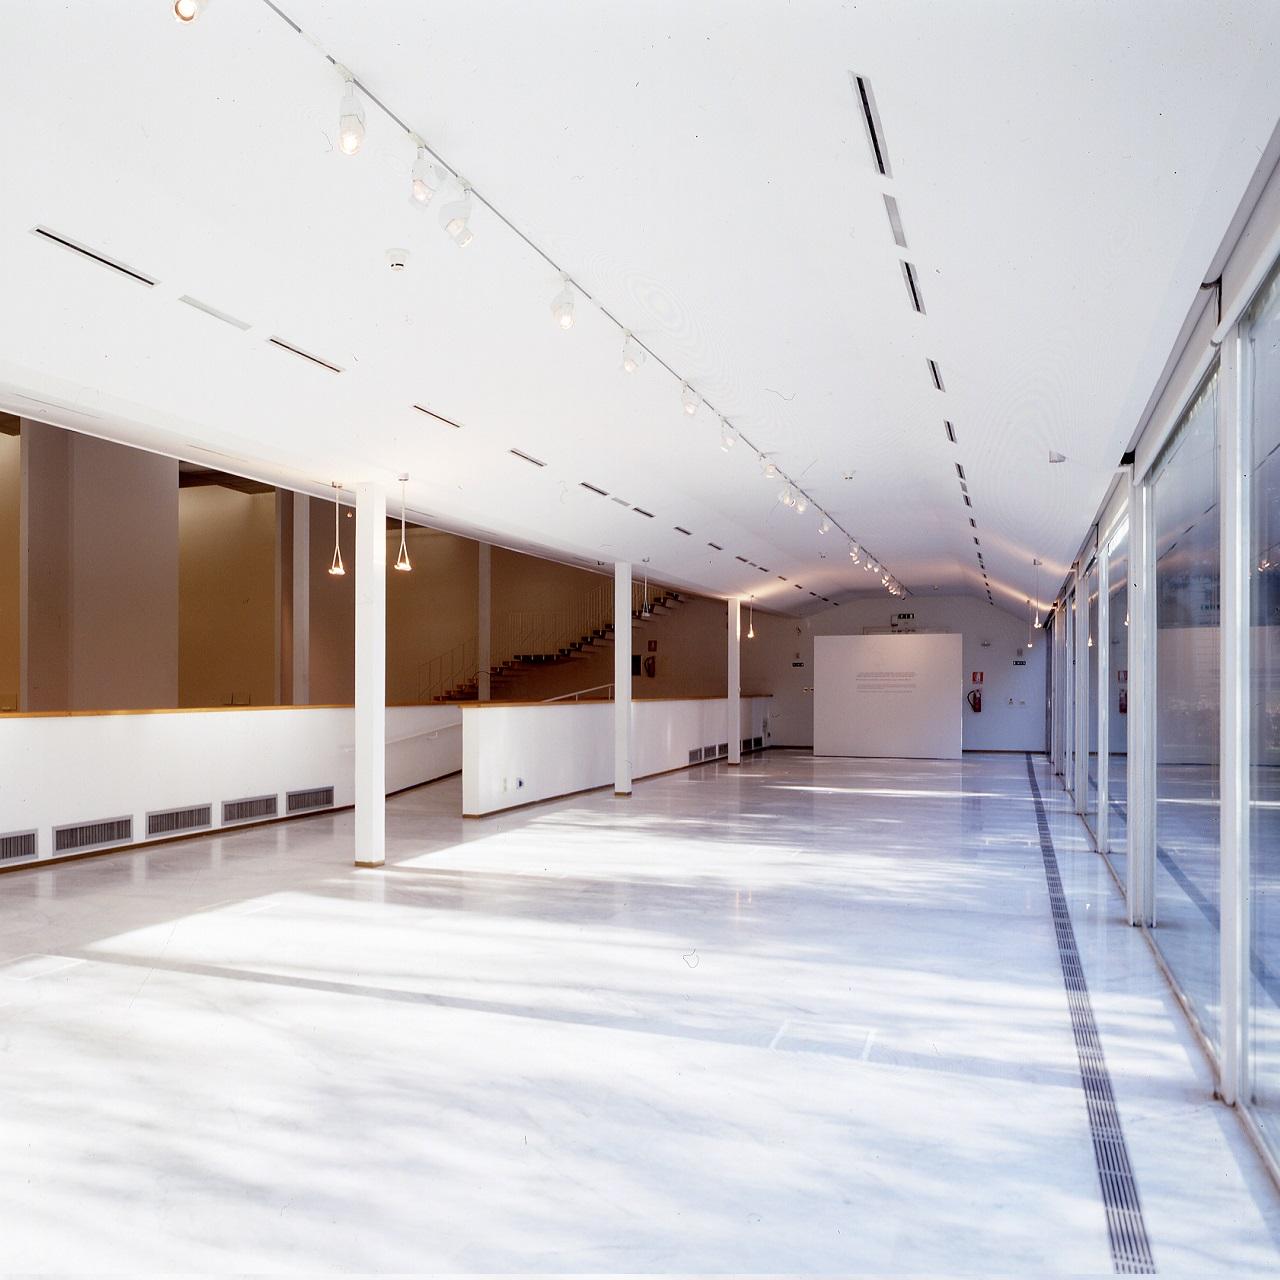 PAC | Il territorio dell'architettura. Gregotti e Associati 1953_2017